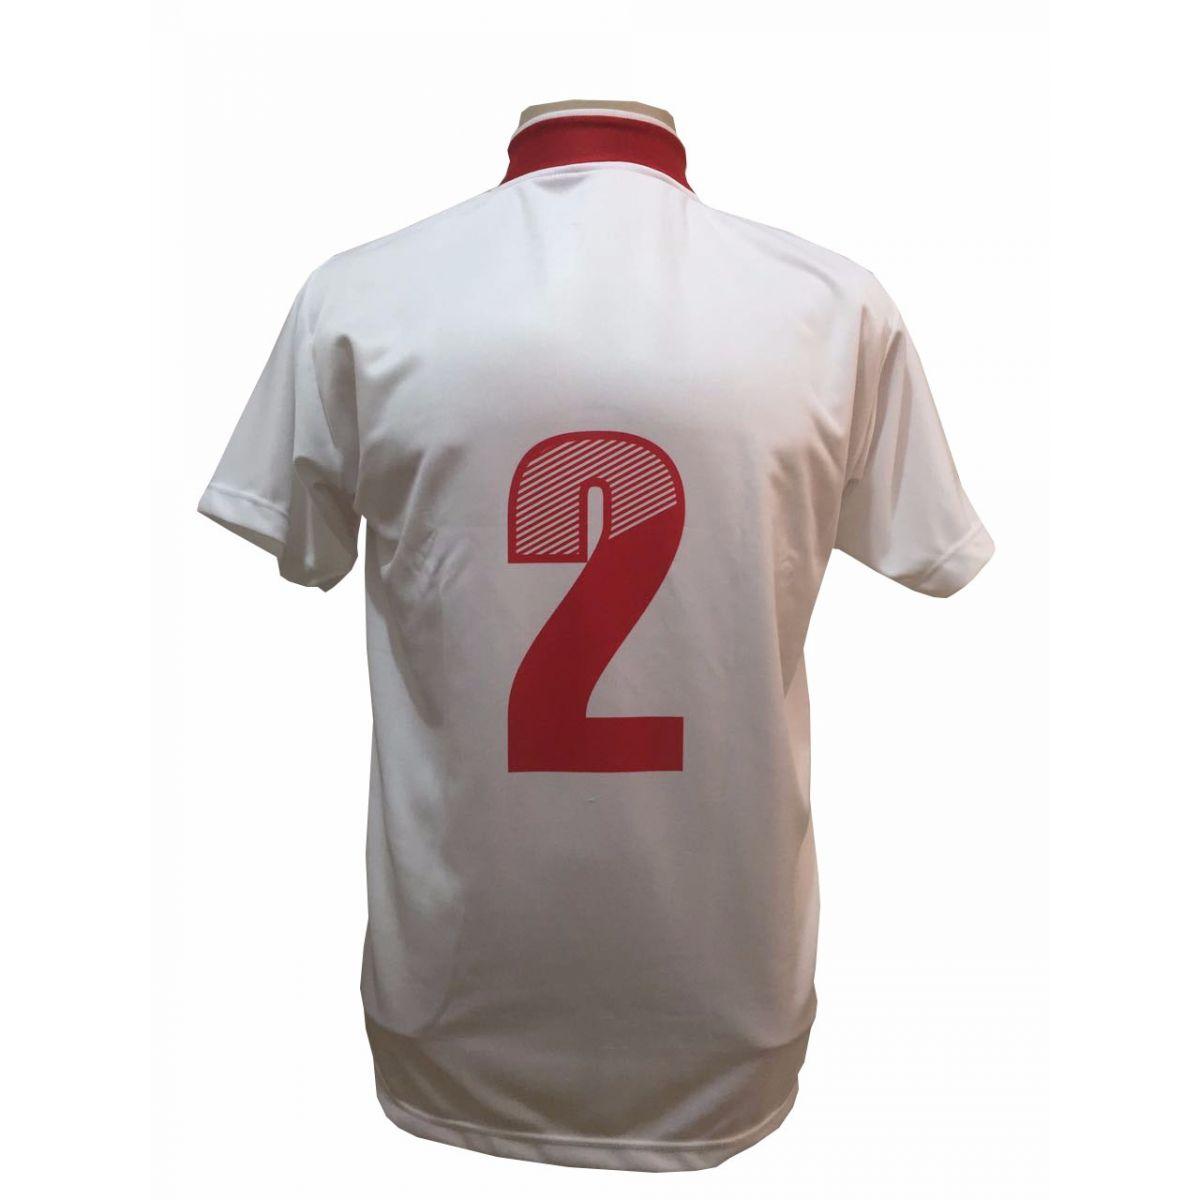 Uniforme Esportivo Completo modelo Palermo 14+1 (14 camisas Branco/Vermelho + 14 calções Madrid Vermelho + 14 pares de meiões Brancos + 1 conjunto de goleiro) + Brindes